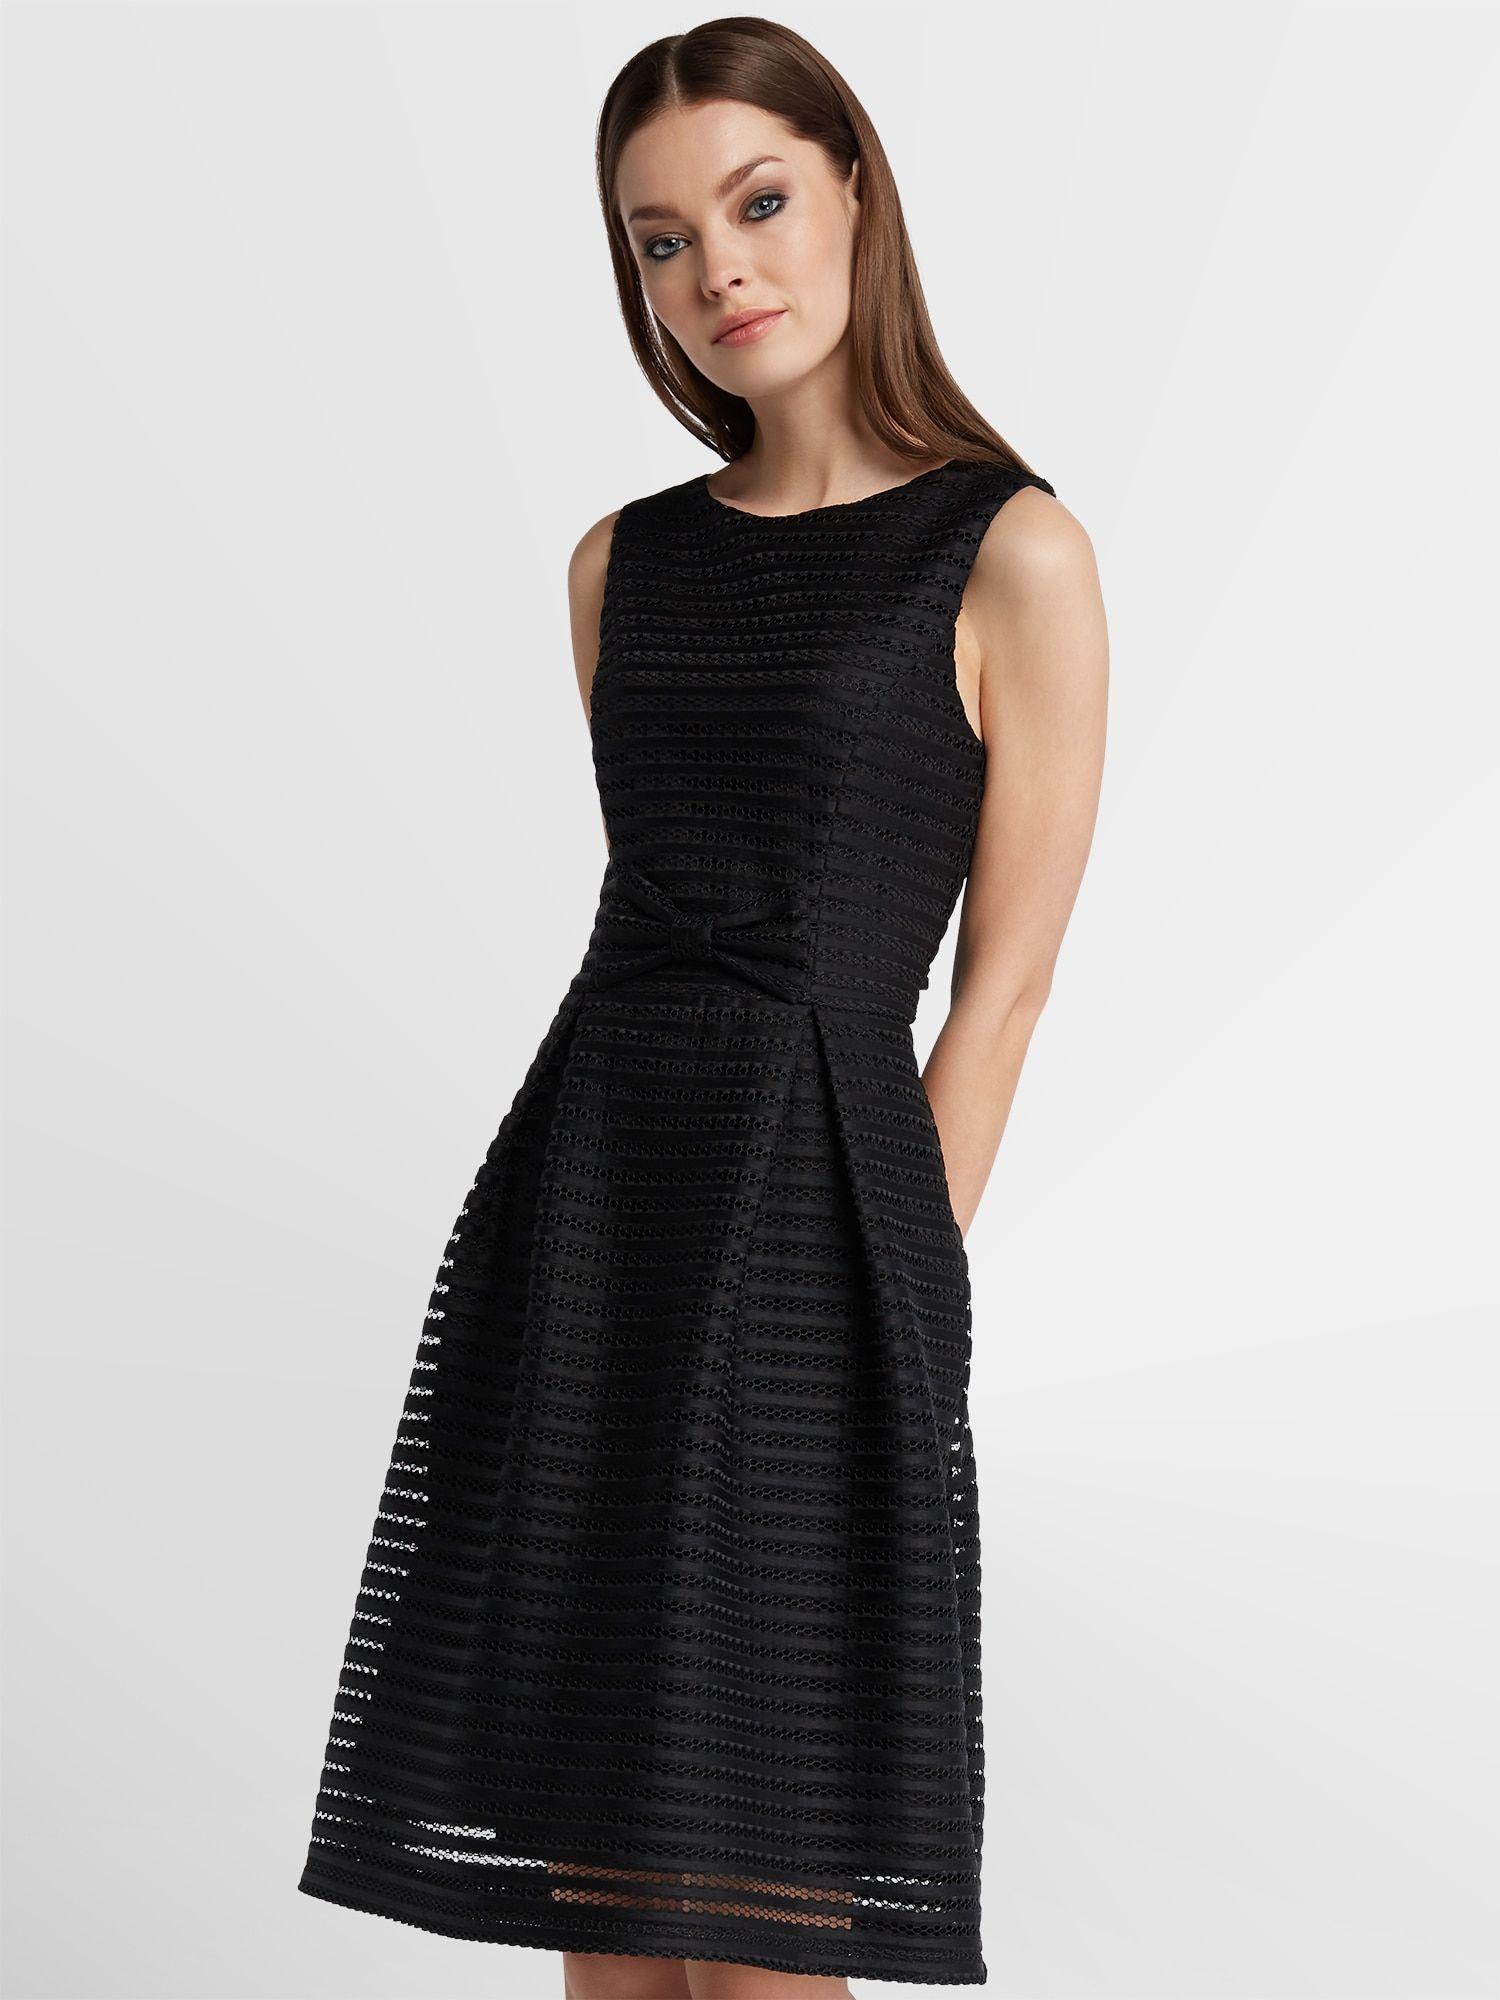 APART Hochzeitskleid Damen, Schwarz, Größe 15  Kurzes